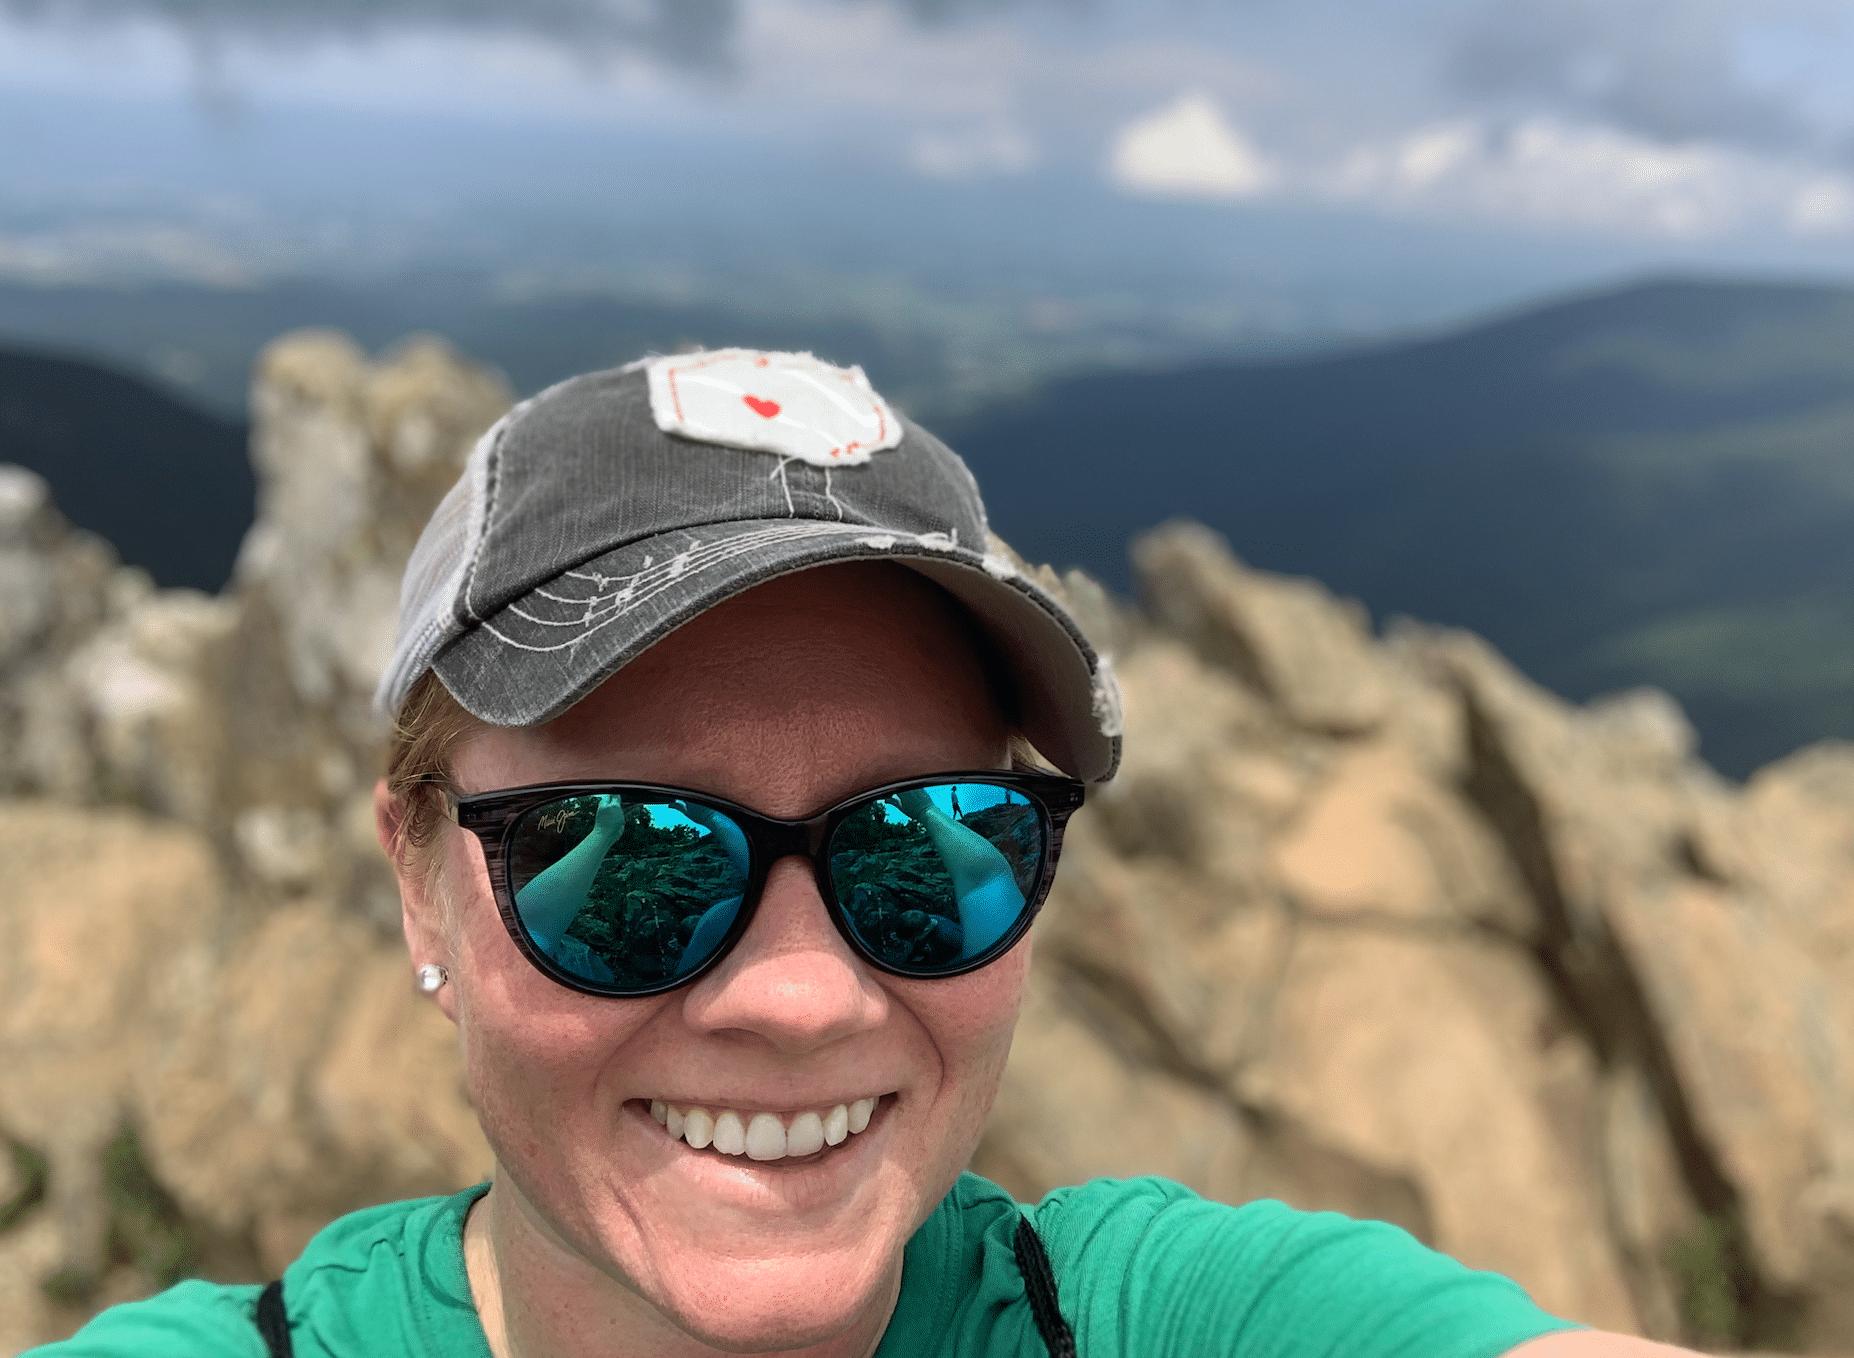 Cindy Gordon in Shenandoah National Park